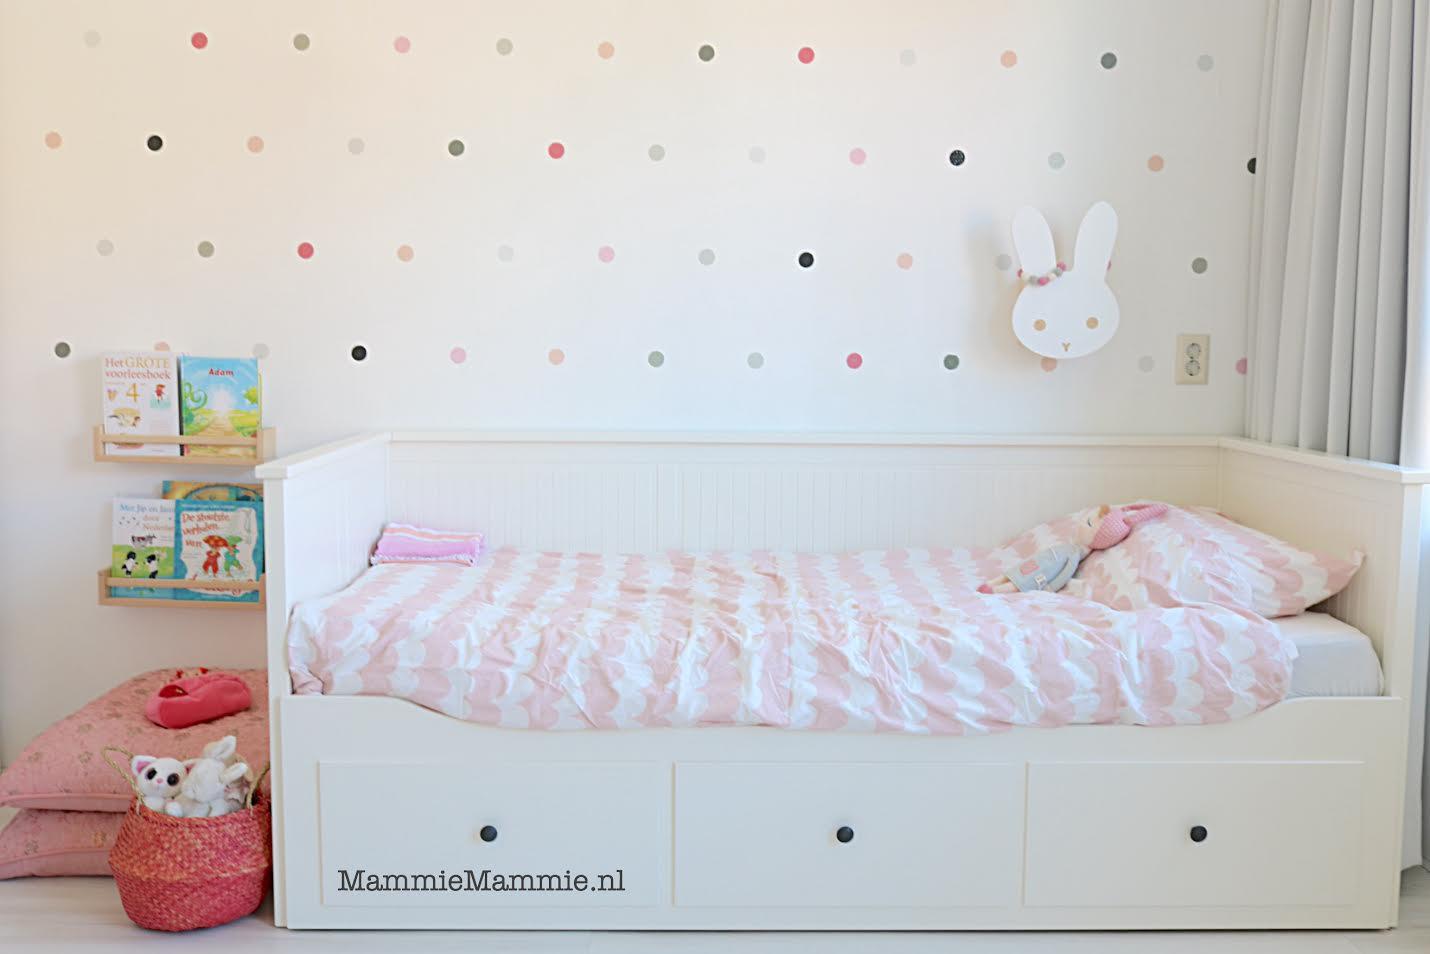 Slaapkamer Gezellig Maken : Budget tips de kinderkamer gezellig maken op een goedkope